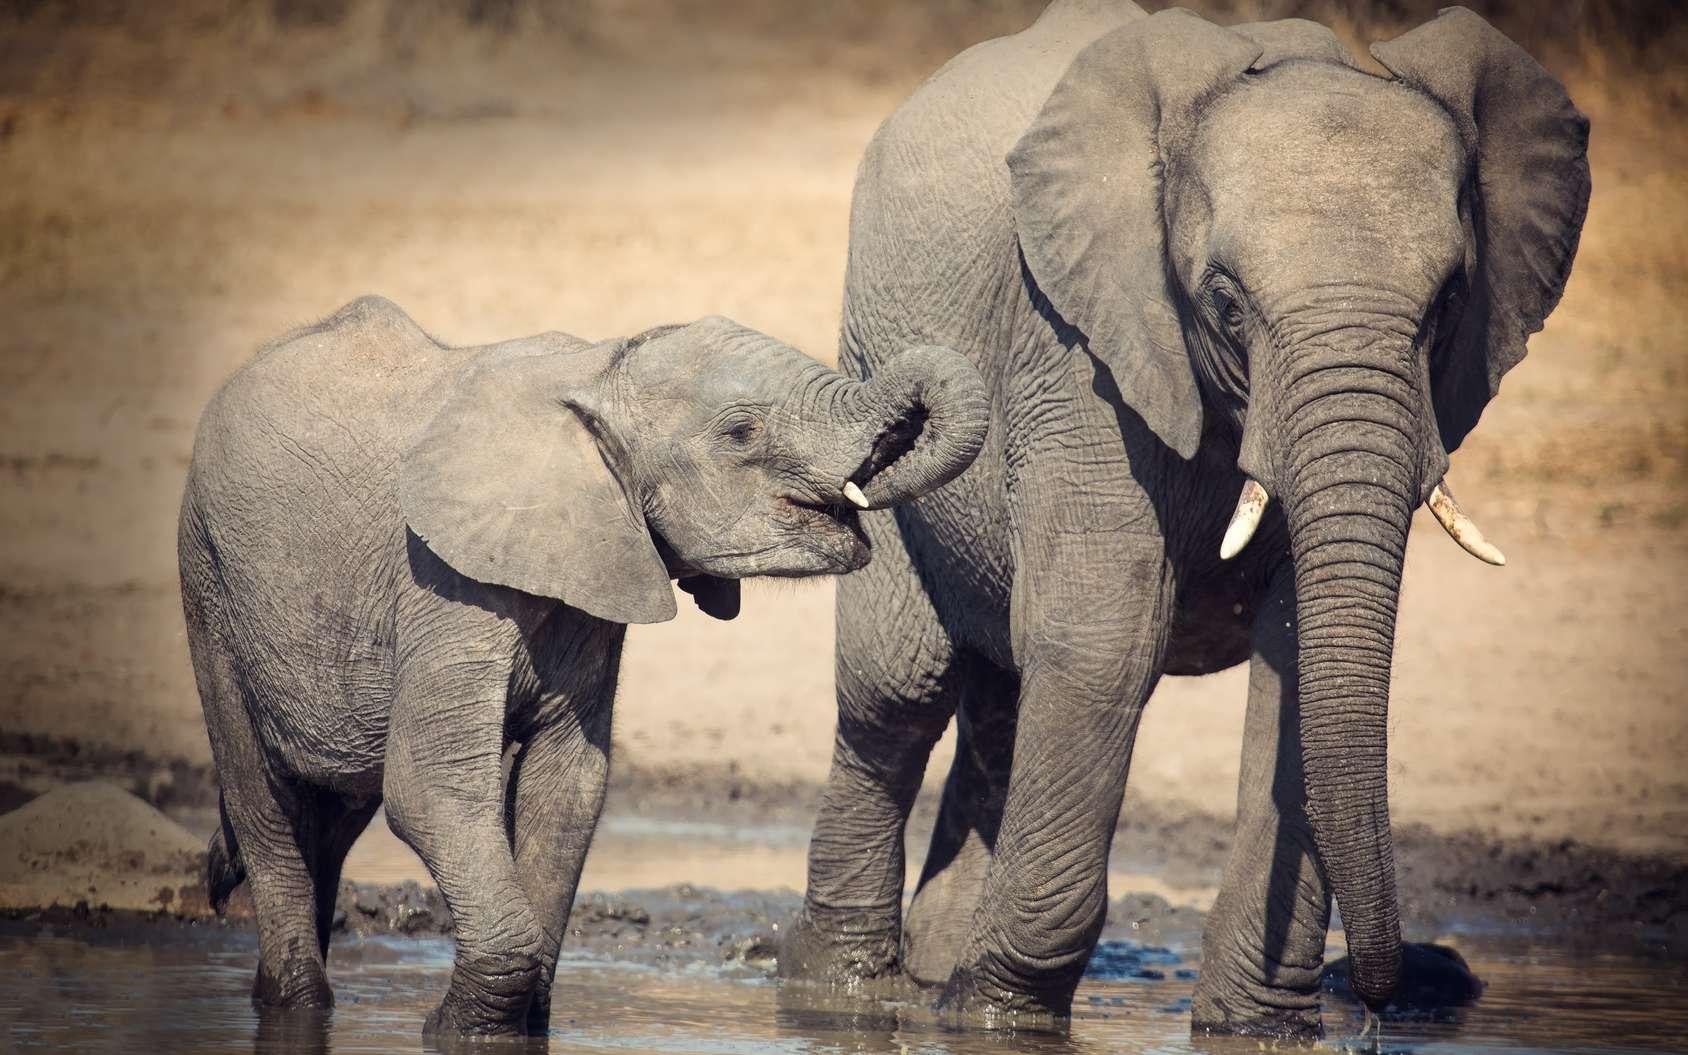 Pourquoi la gestation des éléphants et celle des baleines sont-elles aussi longues ? Ici, un éléphanteau avec sa mère. Le bébé éléphant est pris en charge par sa mère pendant près de quatre ans. © Alta Oosthuizen, Fotolia